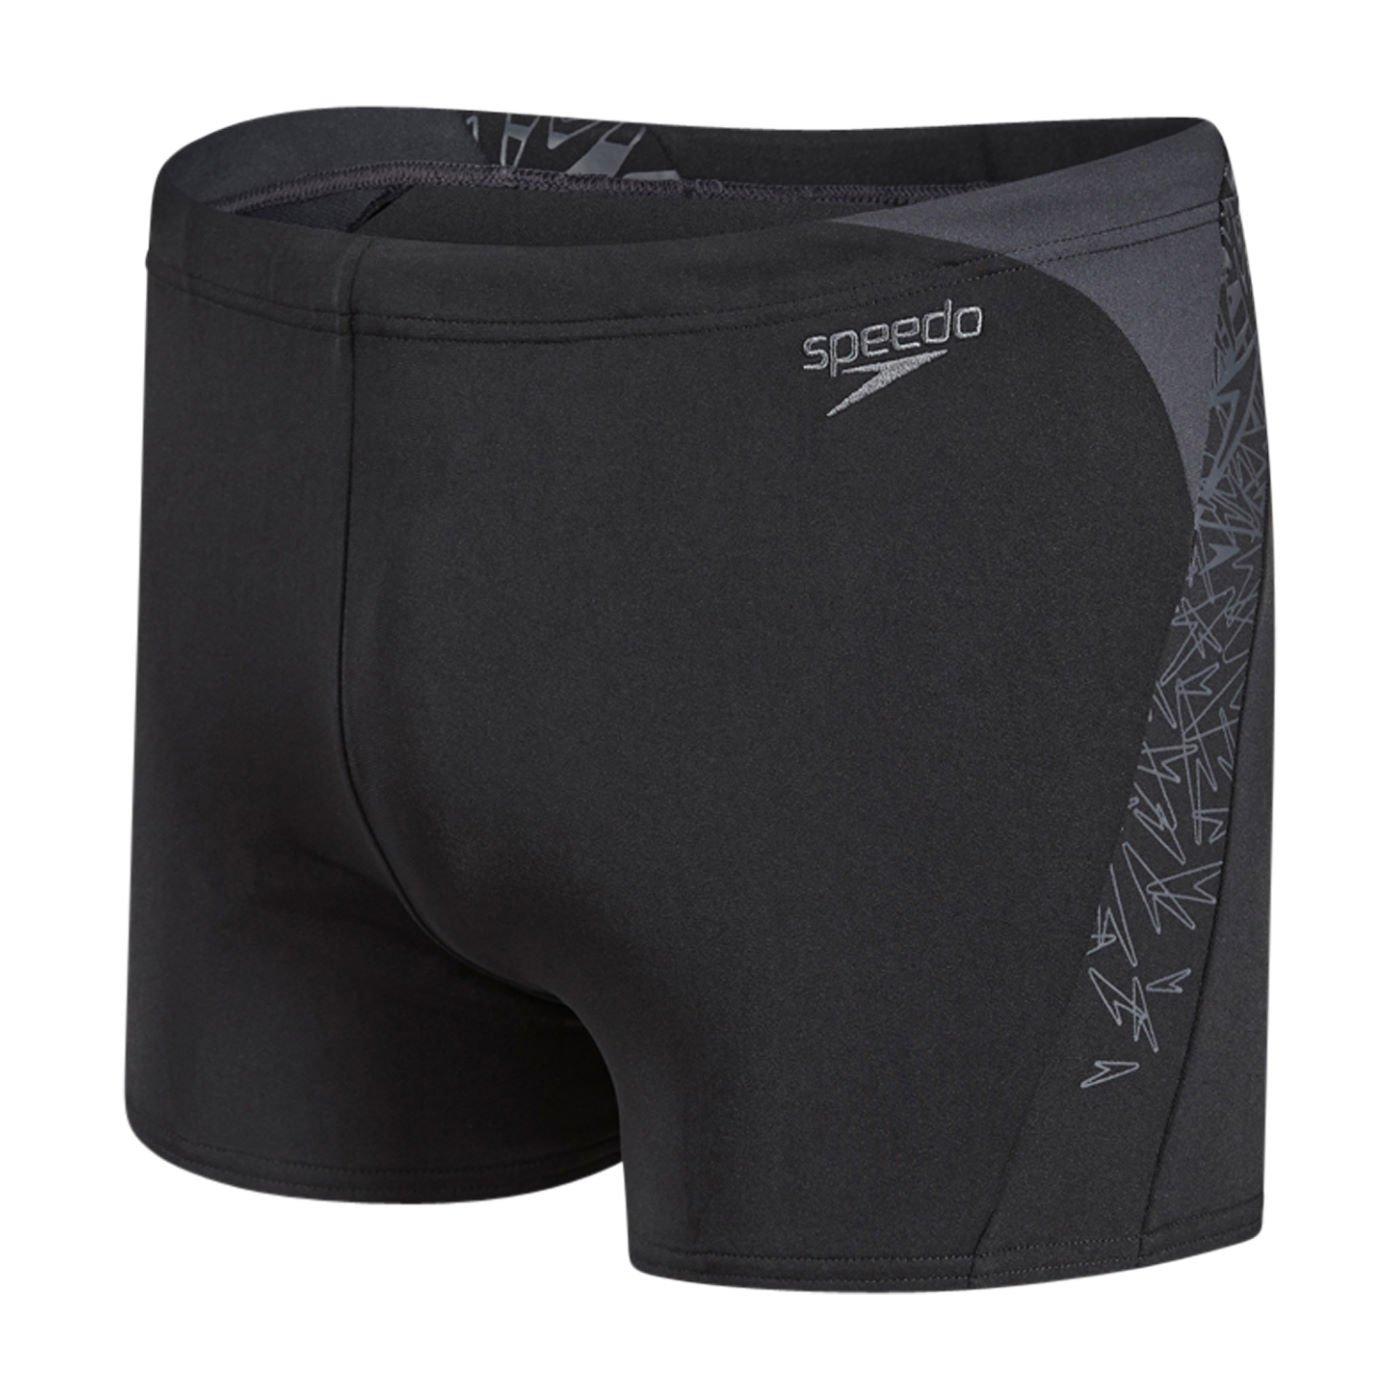 Speedo Boom Splice Aquashort Pantalón Corto, Hombre